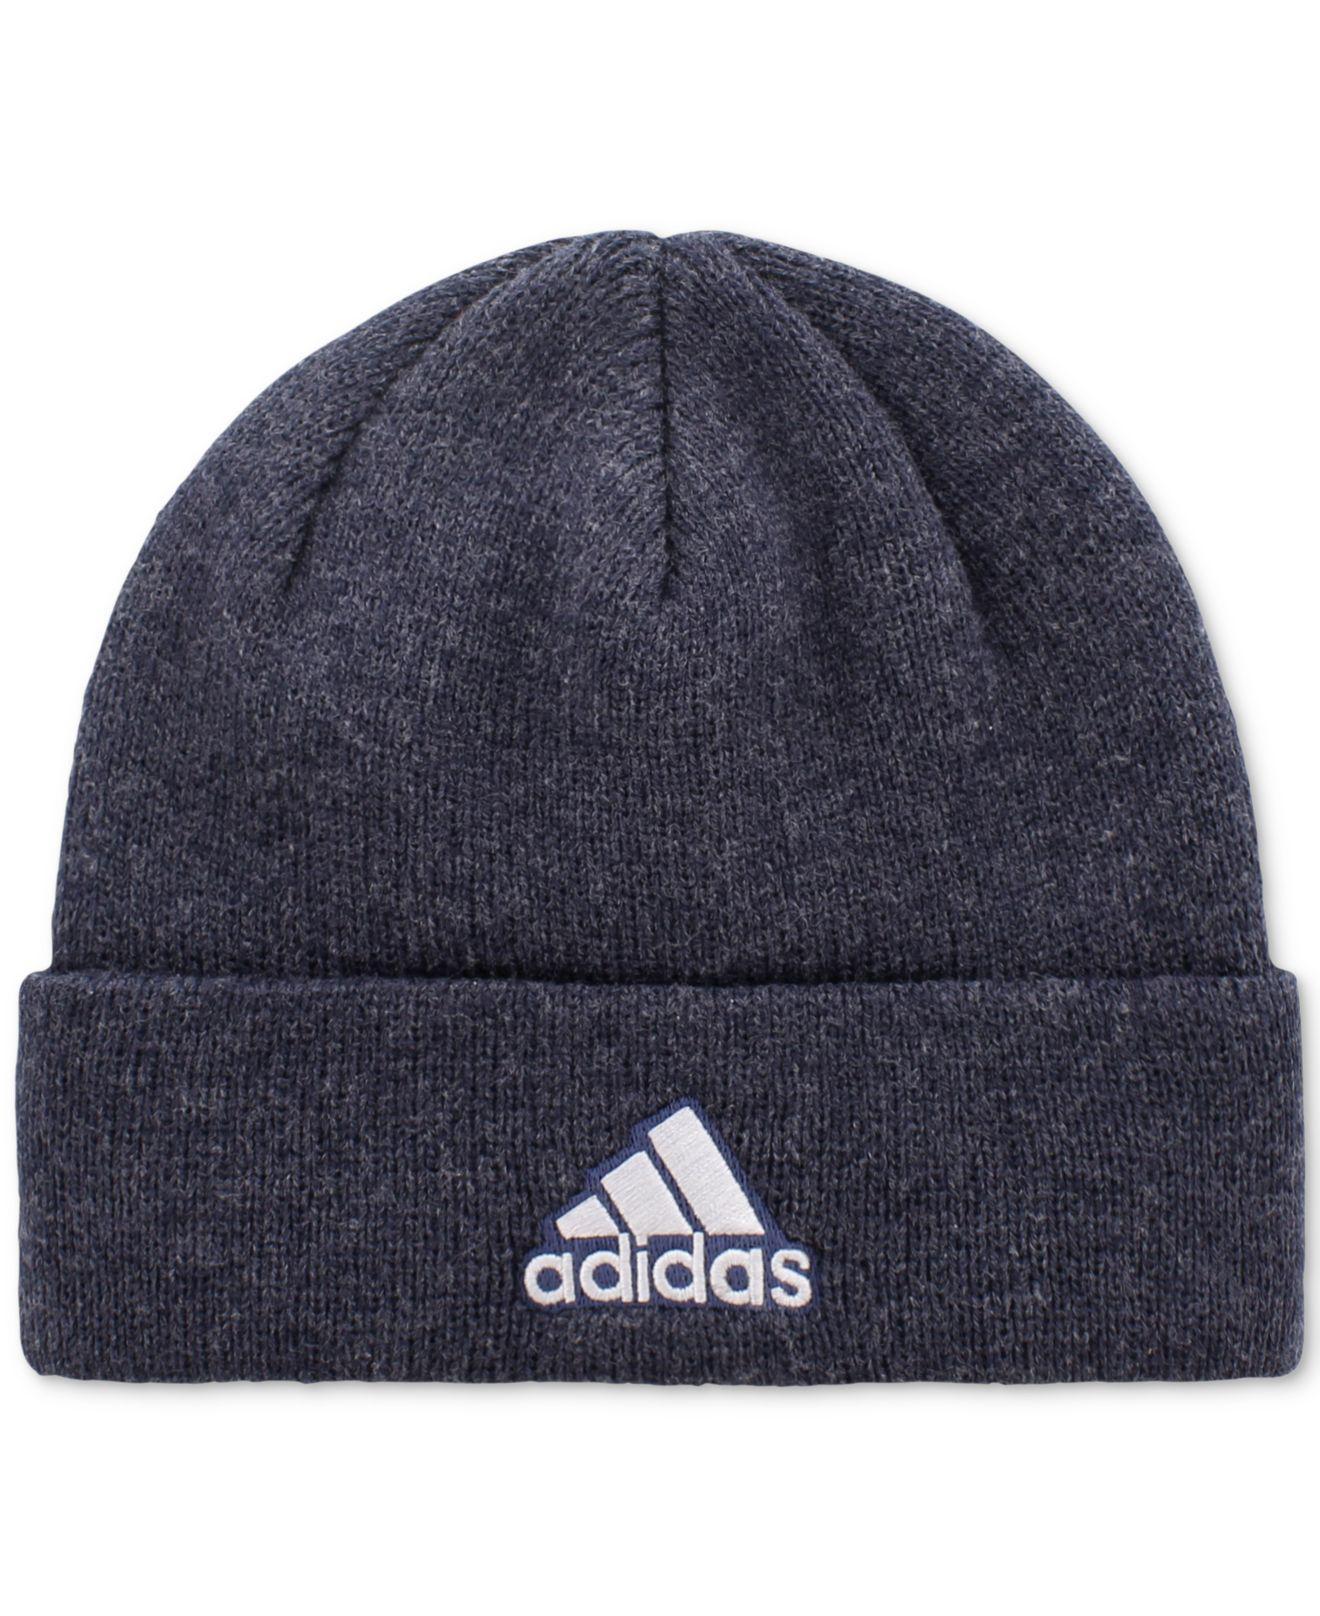 055a854a996 Adidas - Blue Team Issue Cuffed Beanie for Men - Lyst. View fullscreen